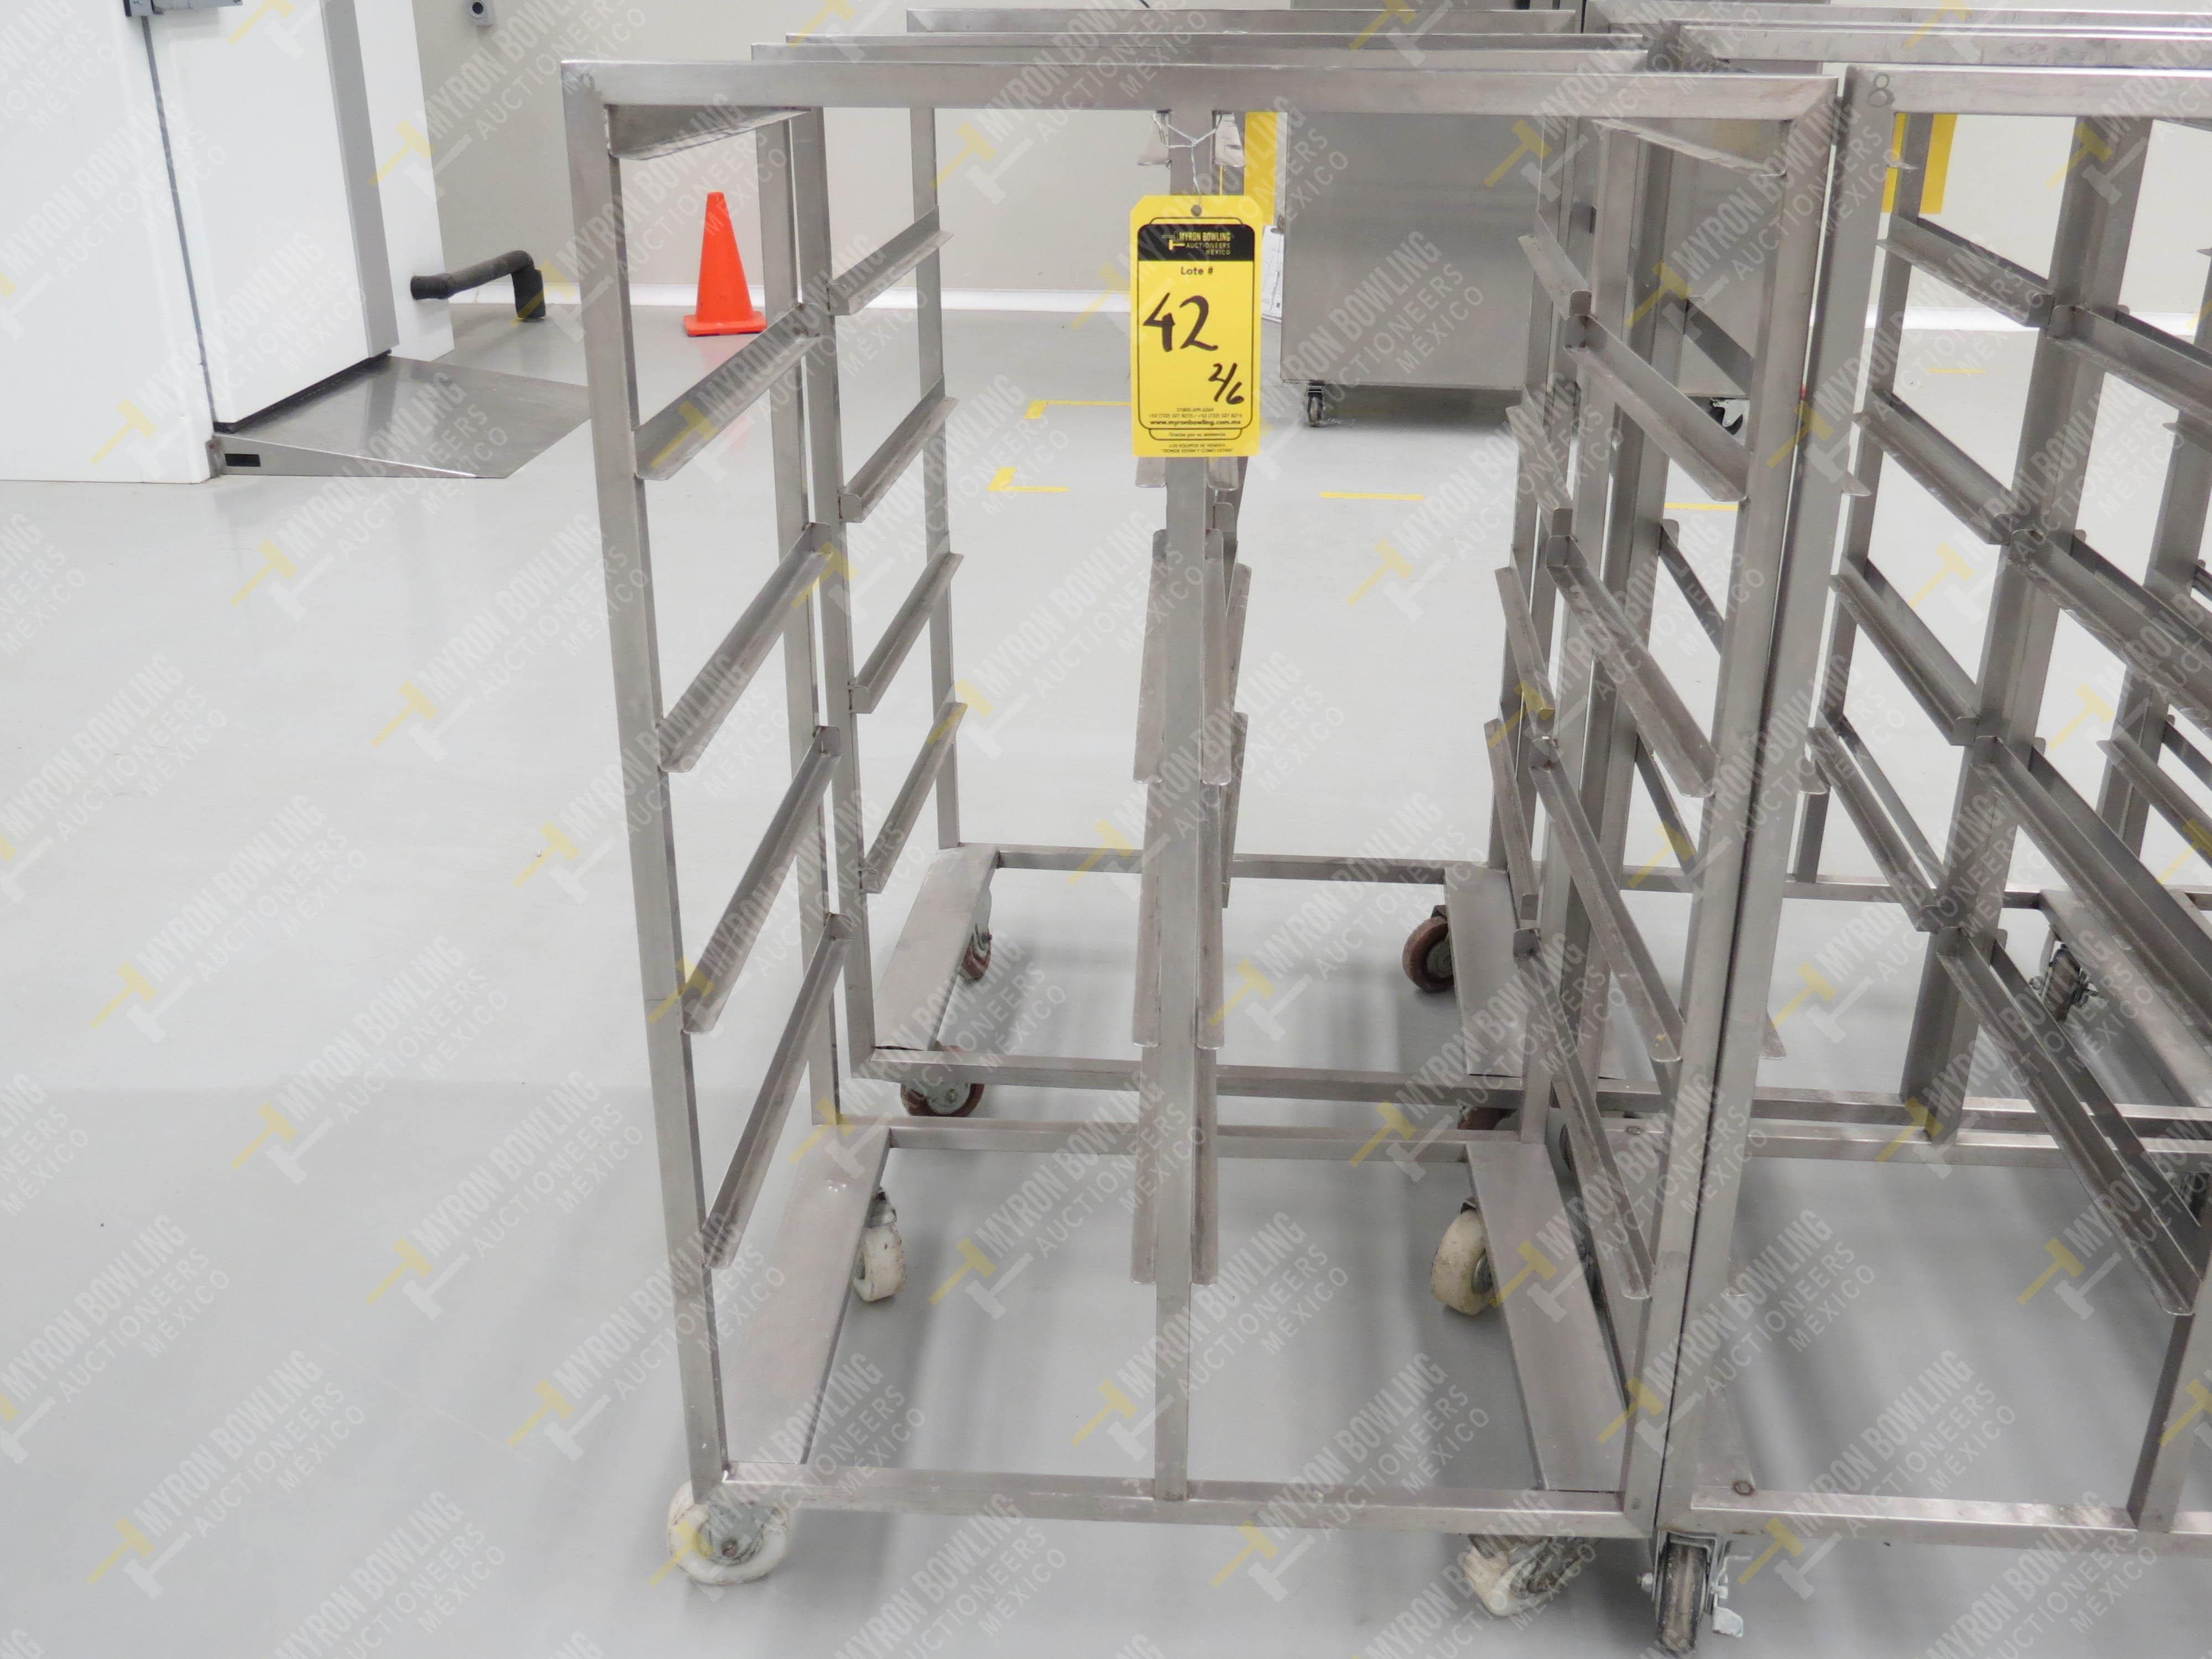 Túnel de congelación de alimentos marca Criocabin, Modelo G130020, No. de Serie 29535666 … - Image 6 of 12